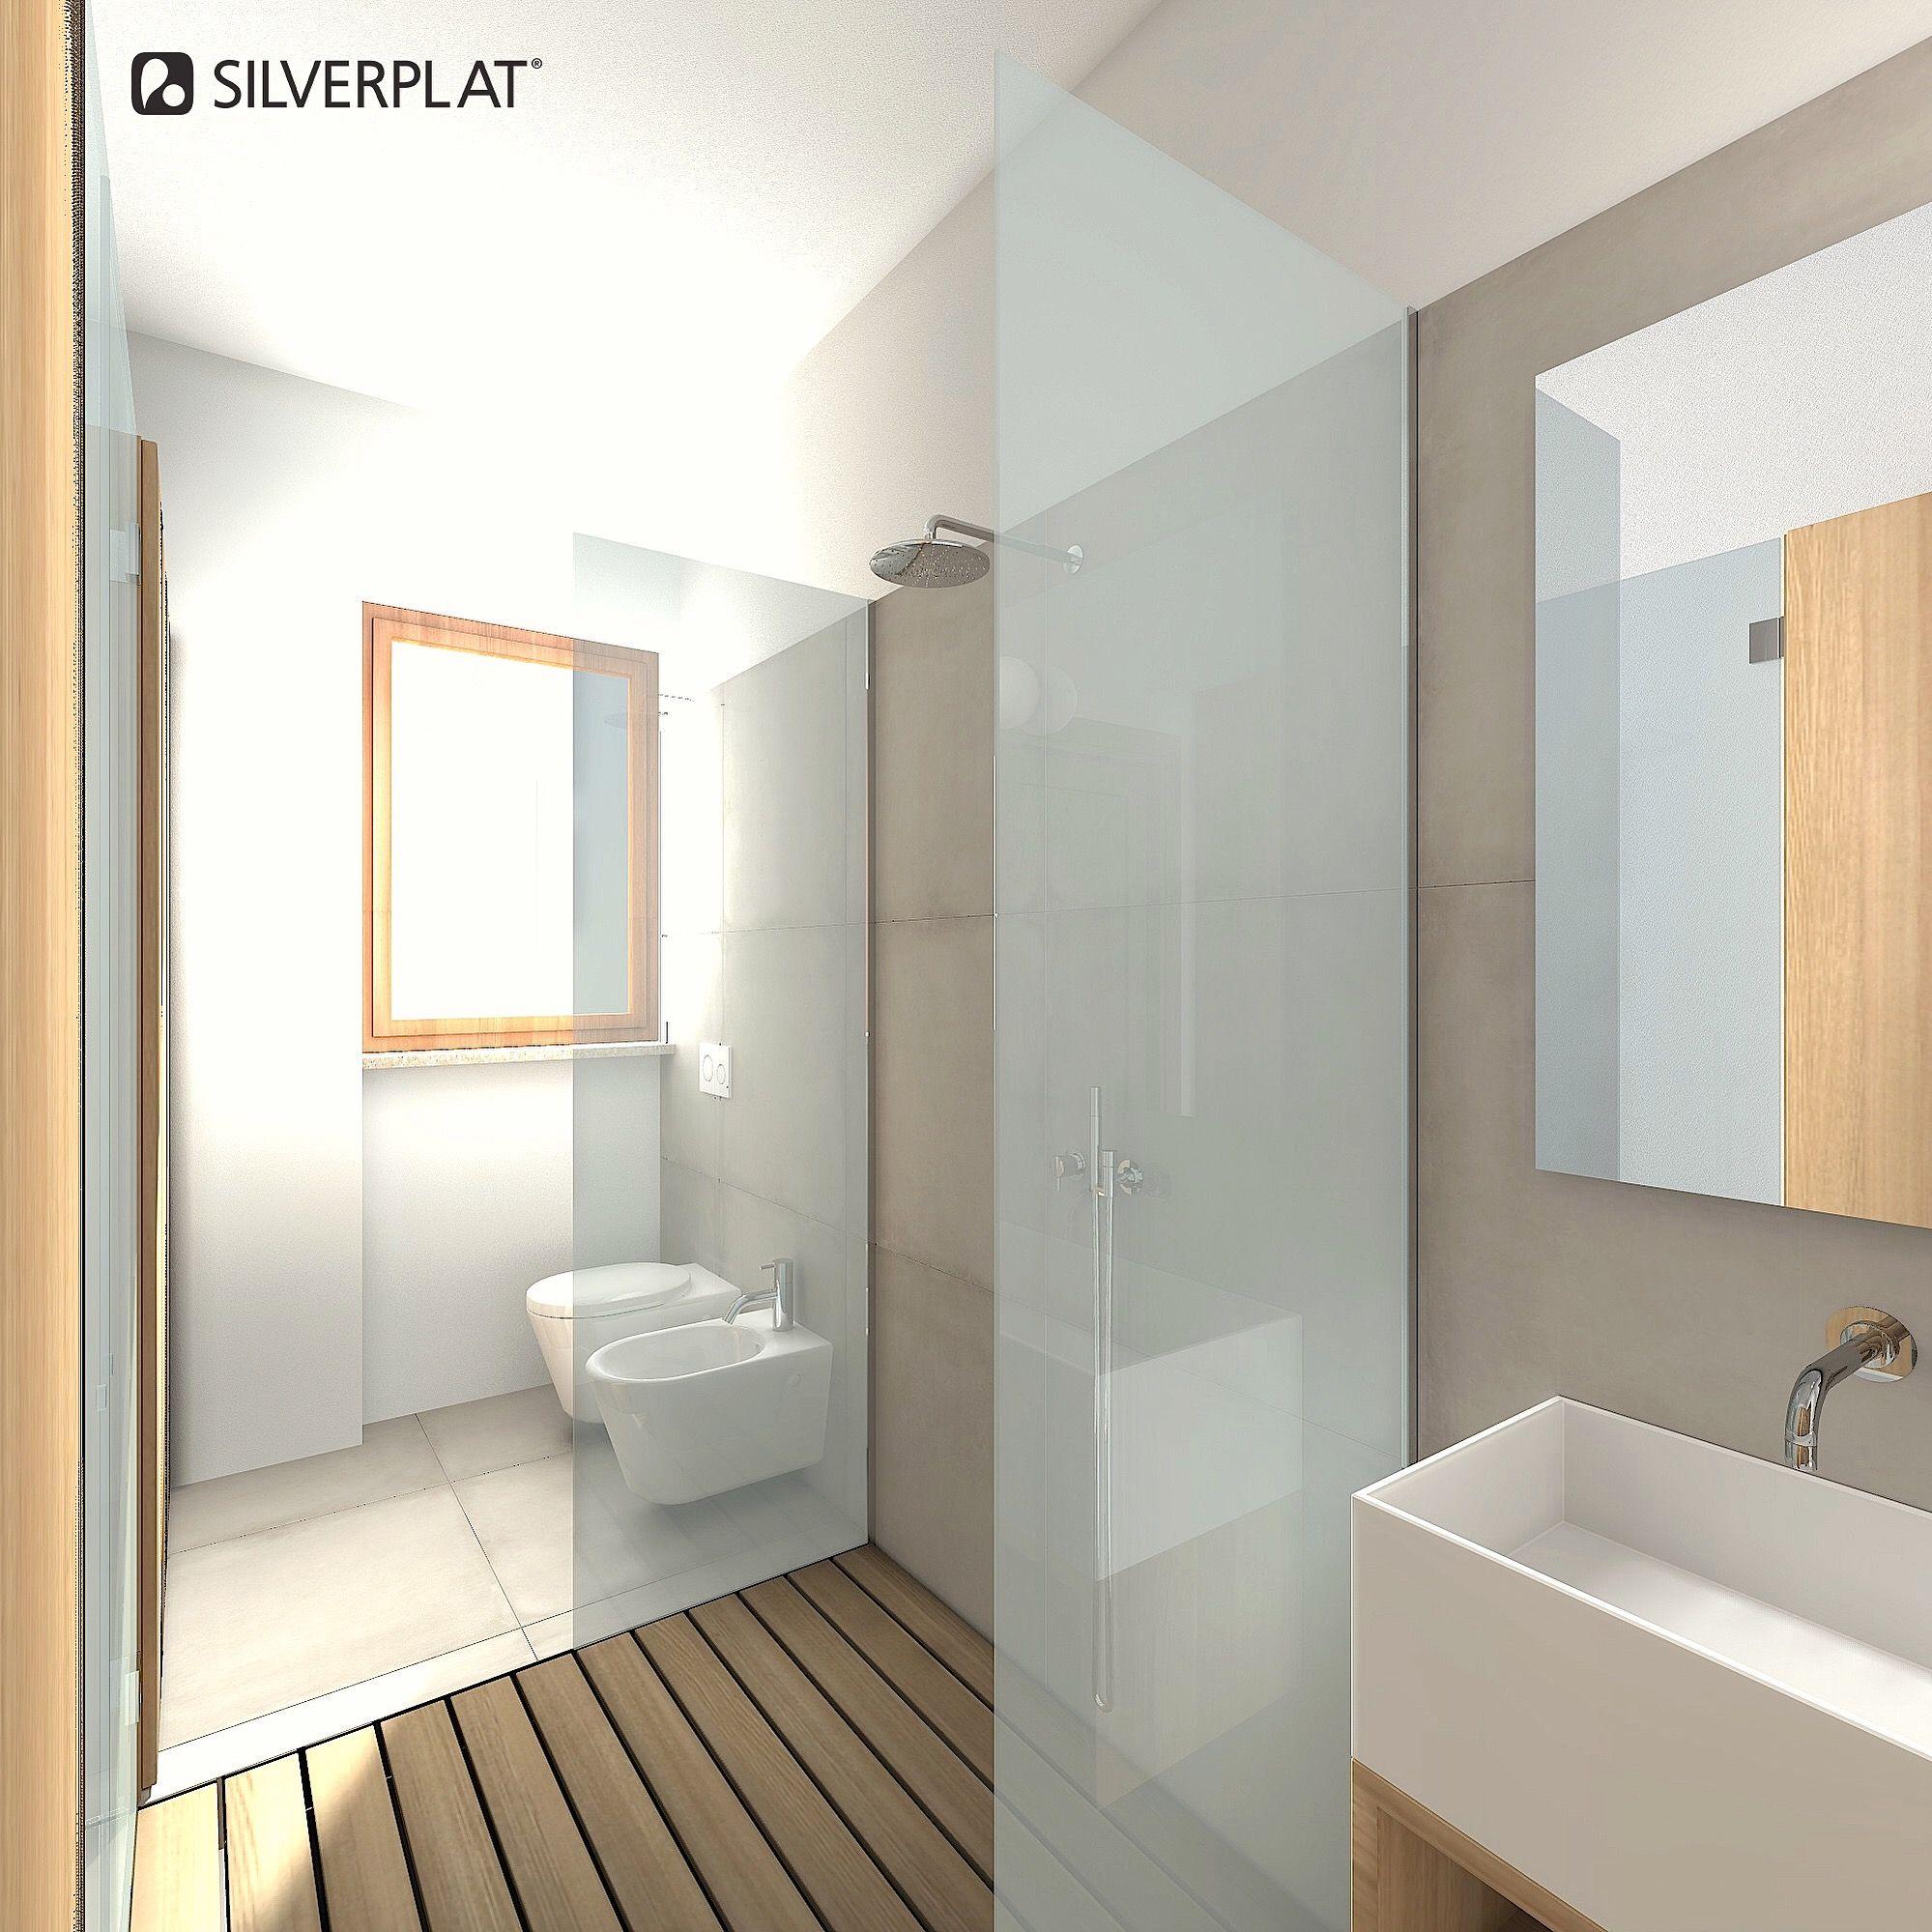 Doccia passante #SILVERPLAT: si definisce doccia passante la doccia ...